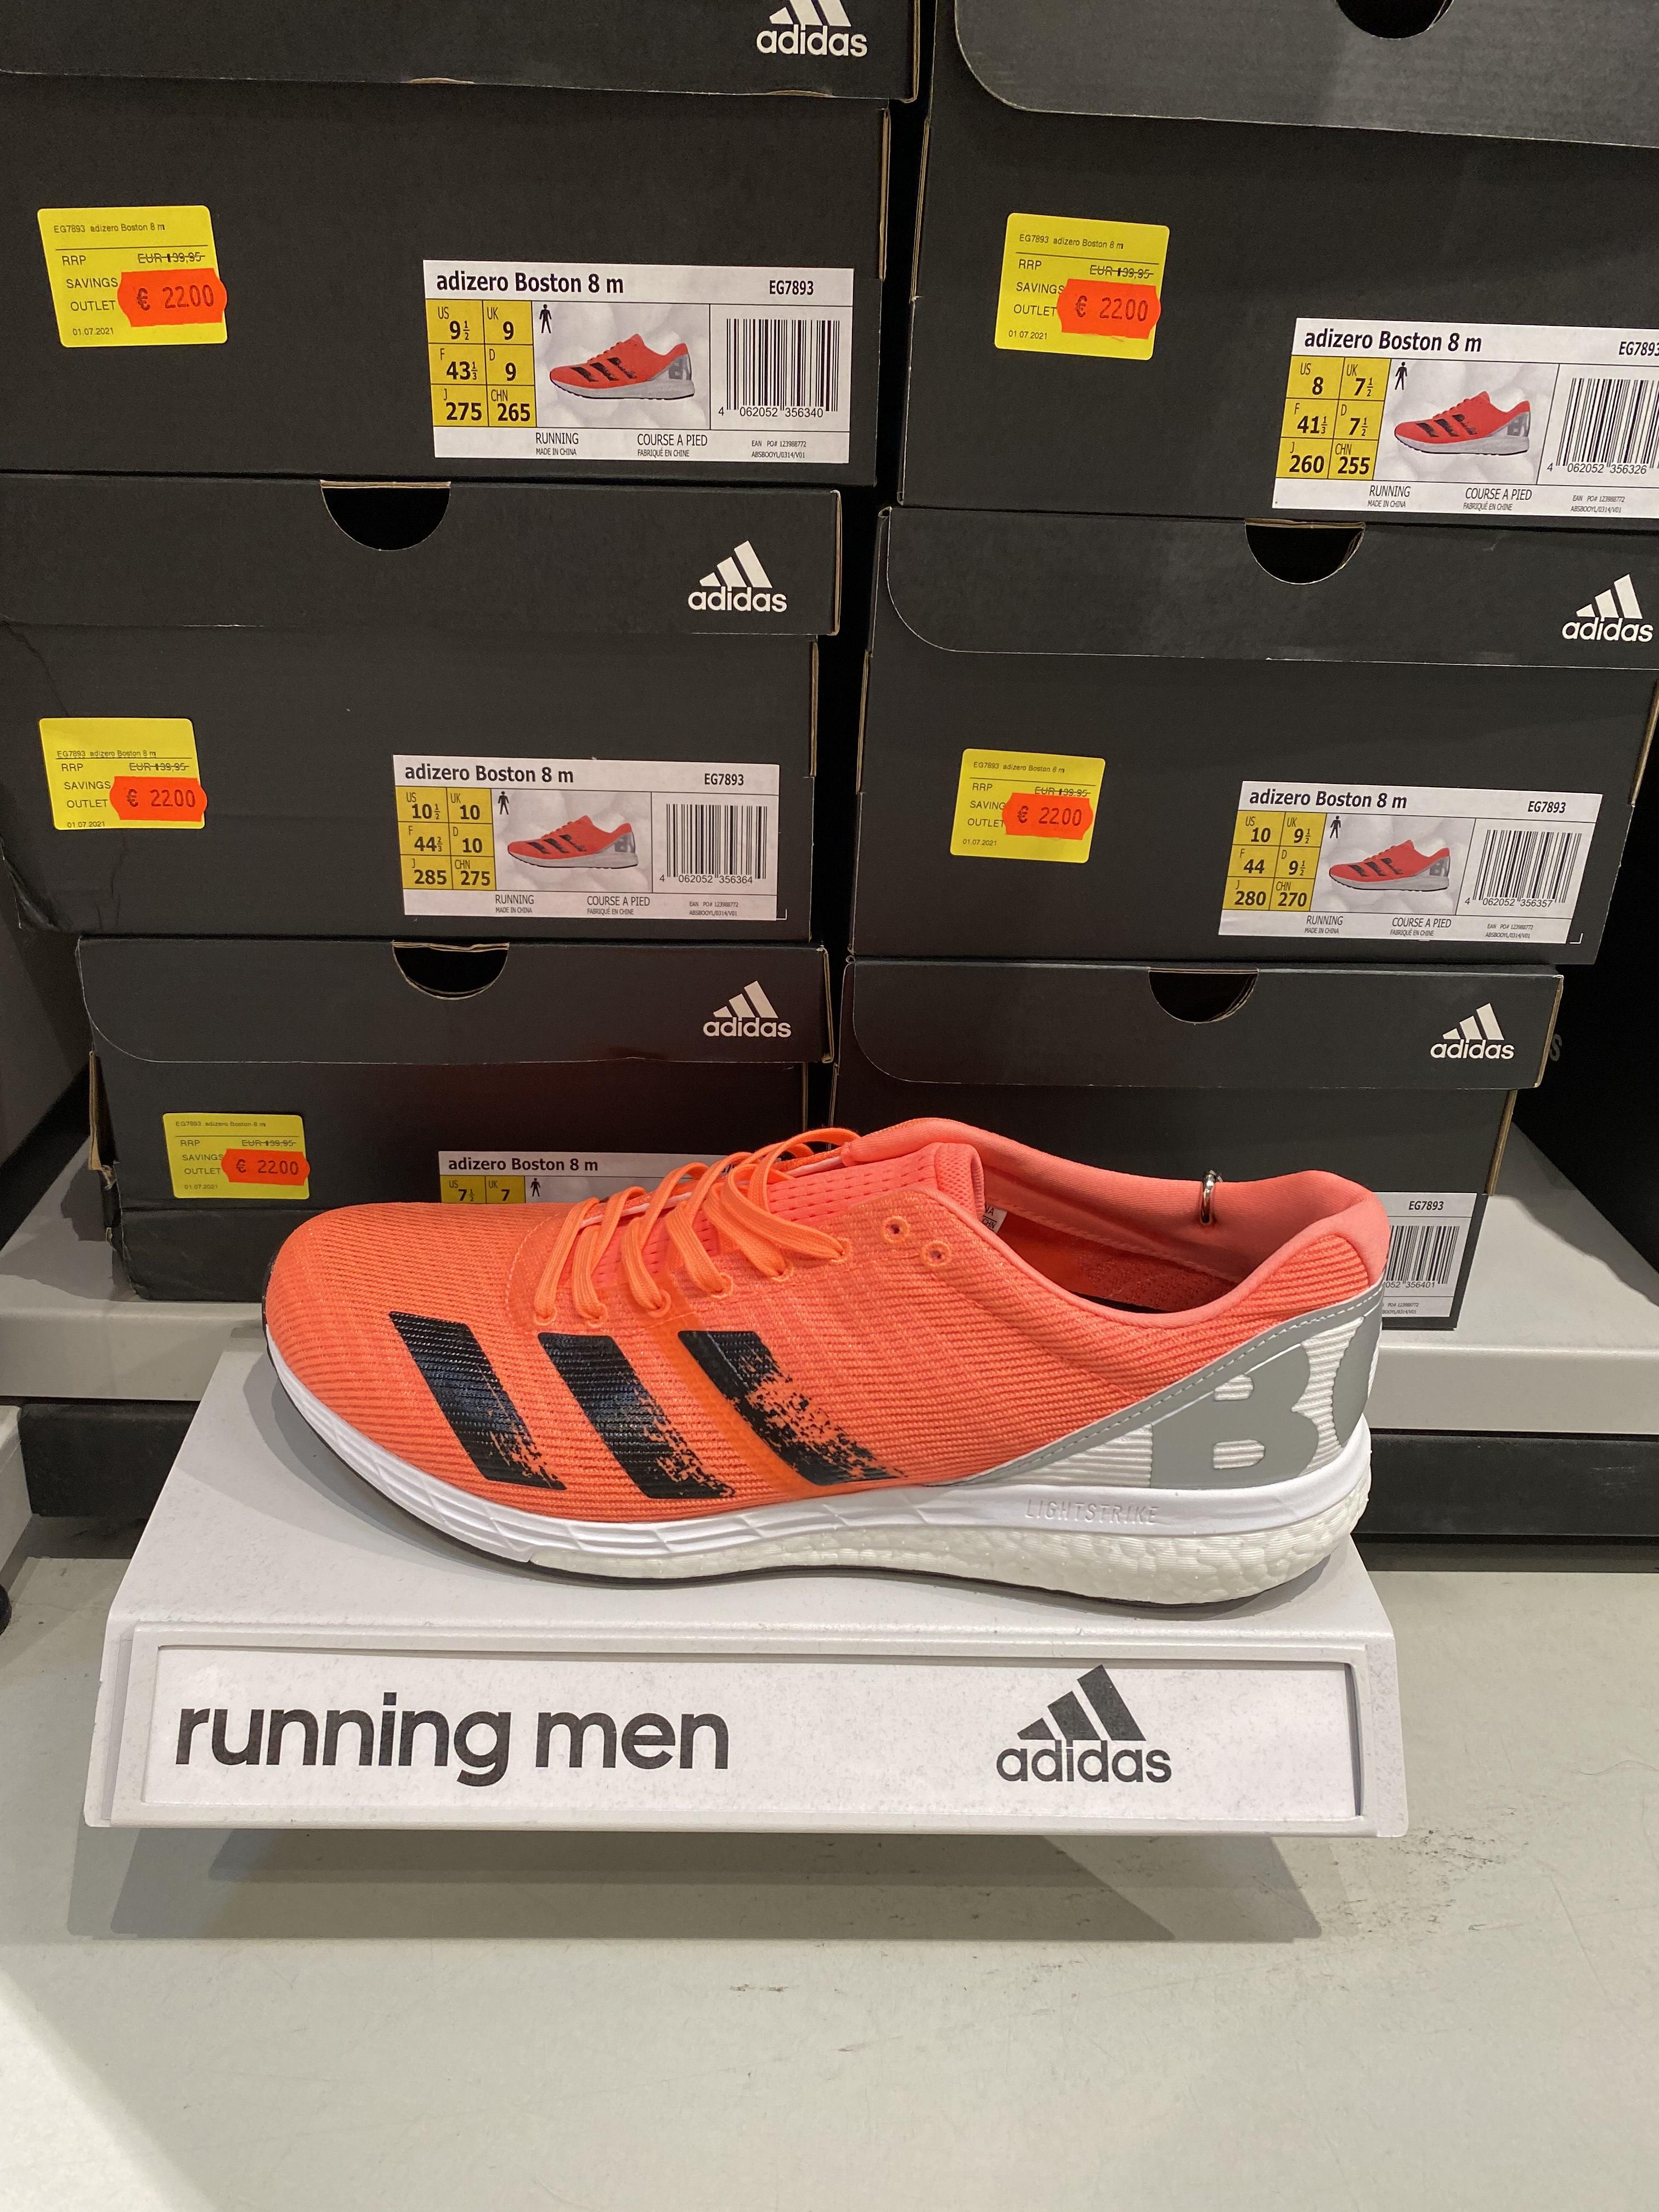 Lokal - [Adidas Outlet Bremen/Brinkum] Adidas Adizero Boston 8 Herren Laufschuhe 22€